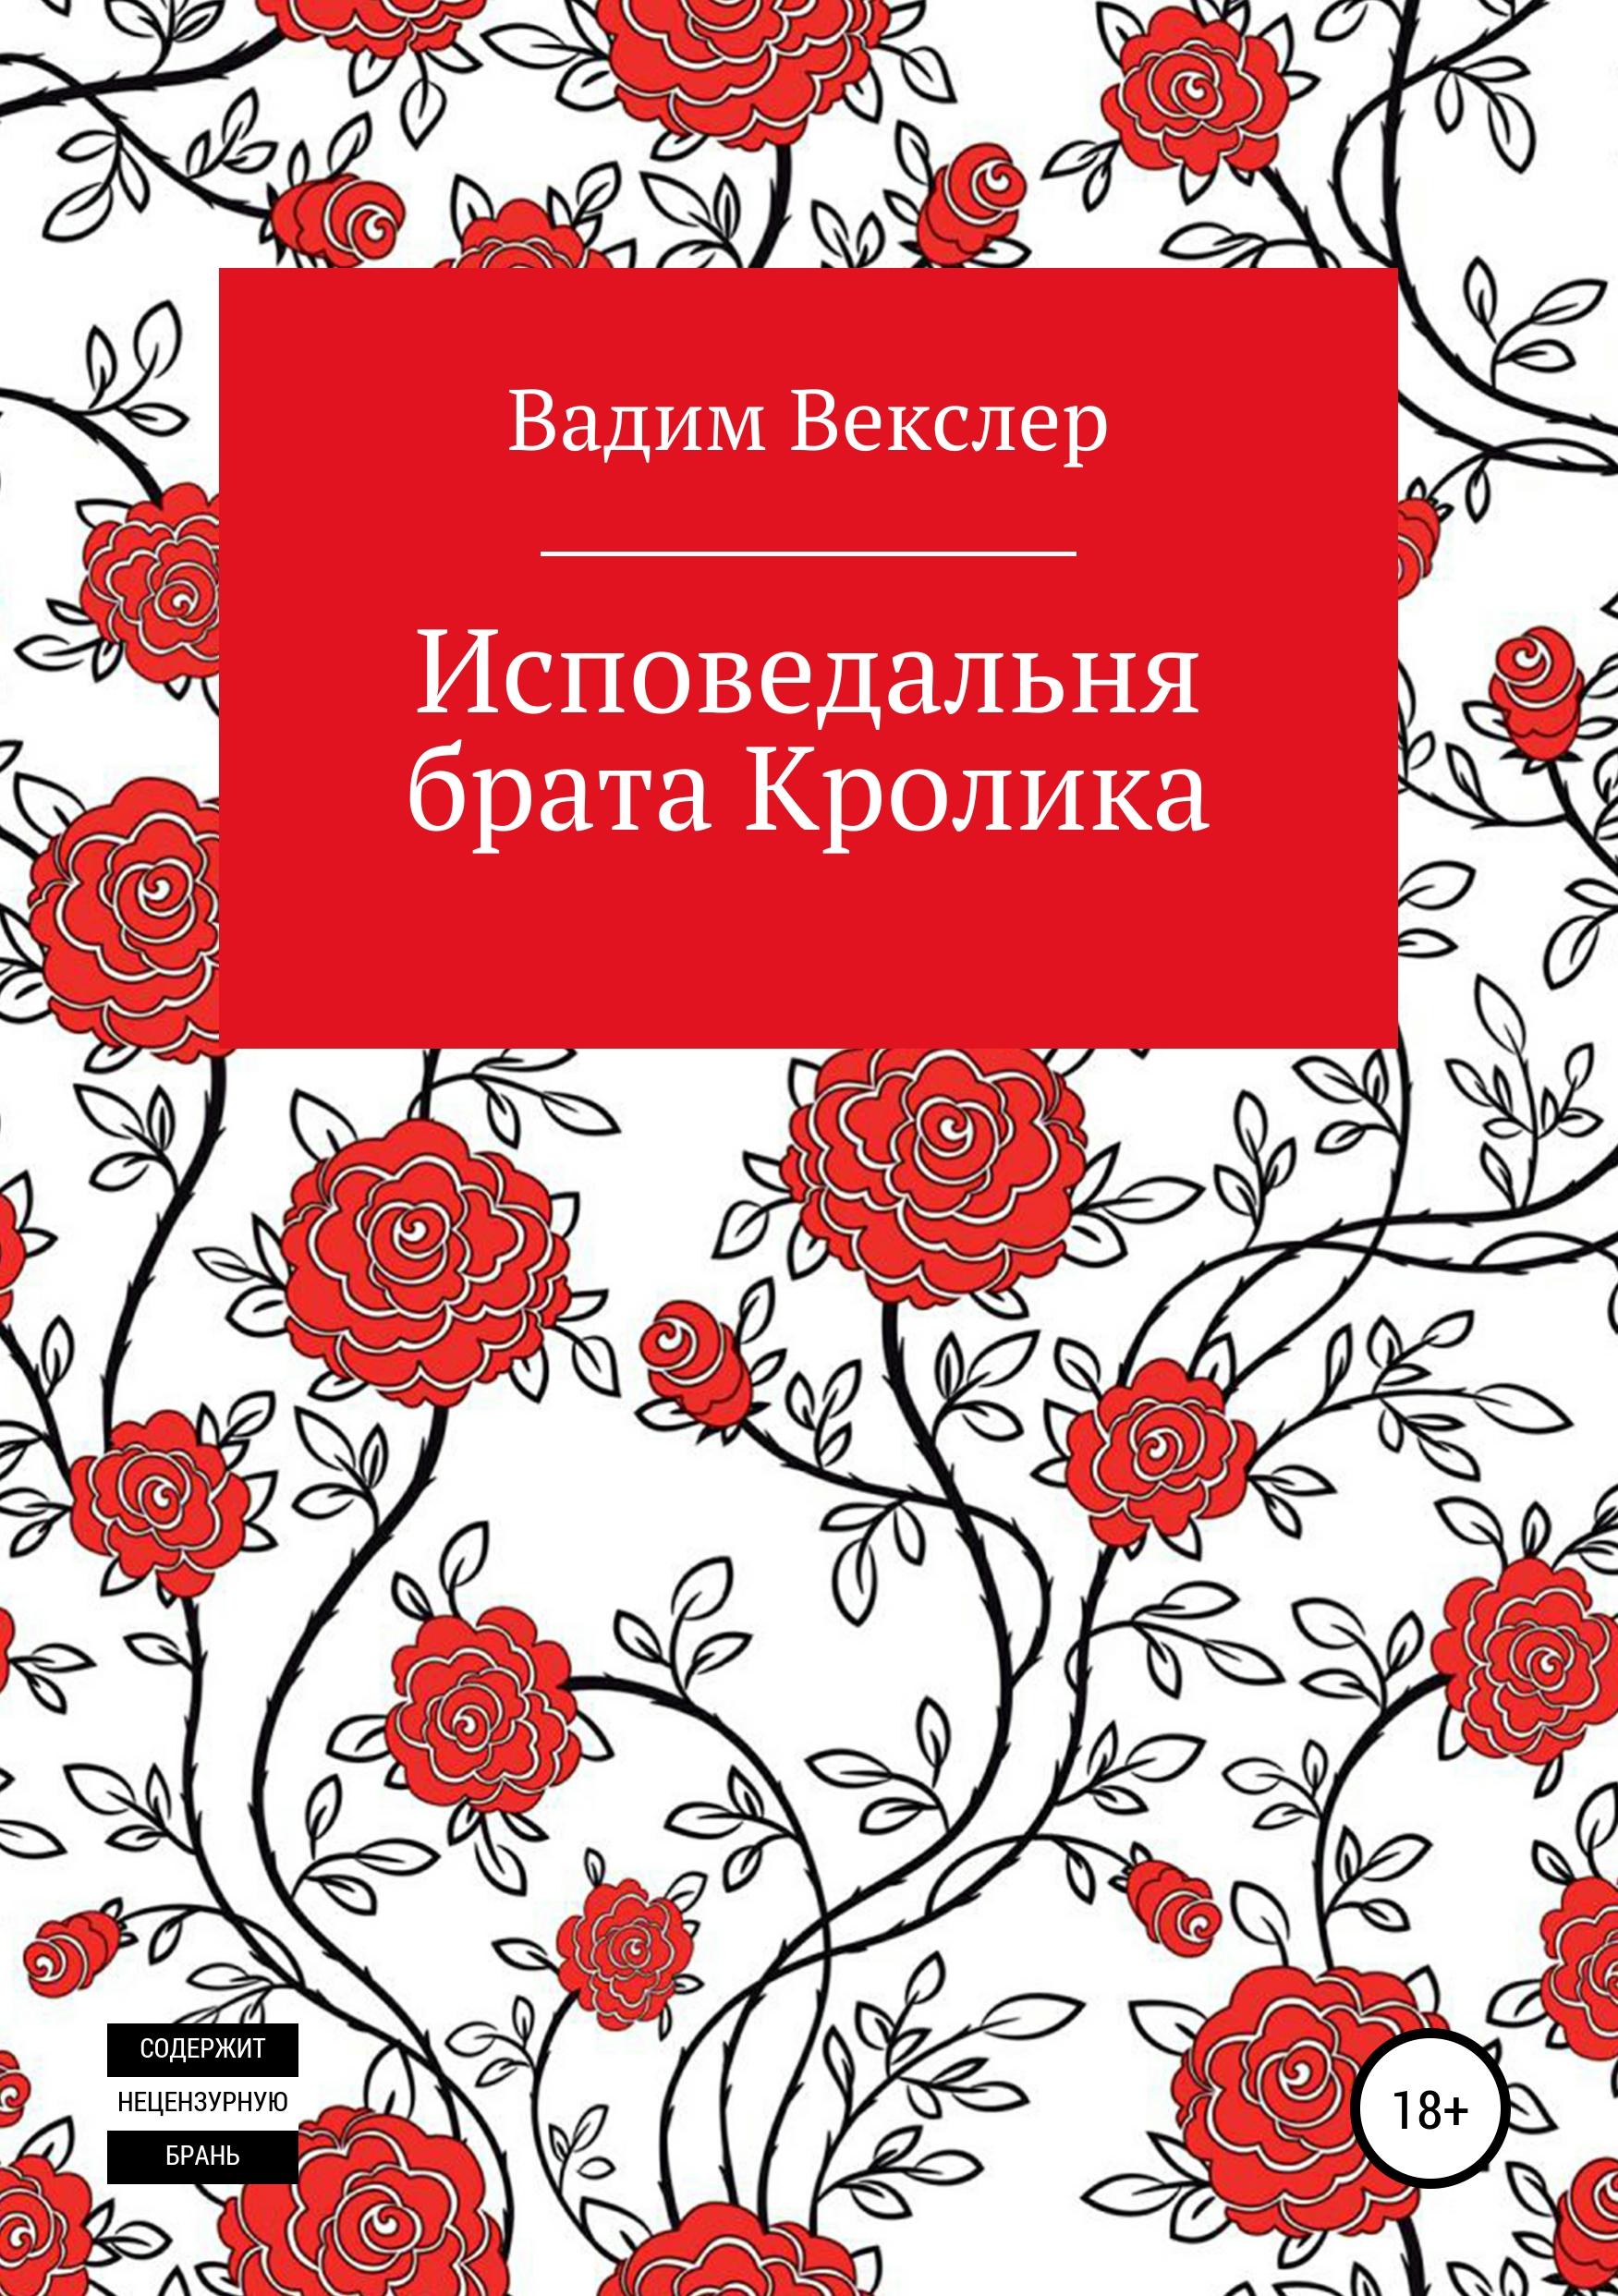 Вадим Векслер «Исповедальня брата Кролика»